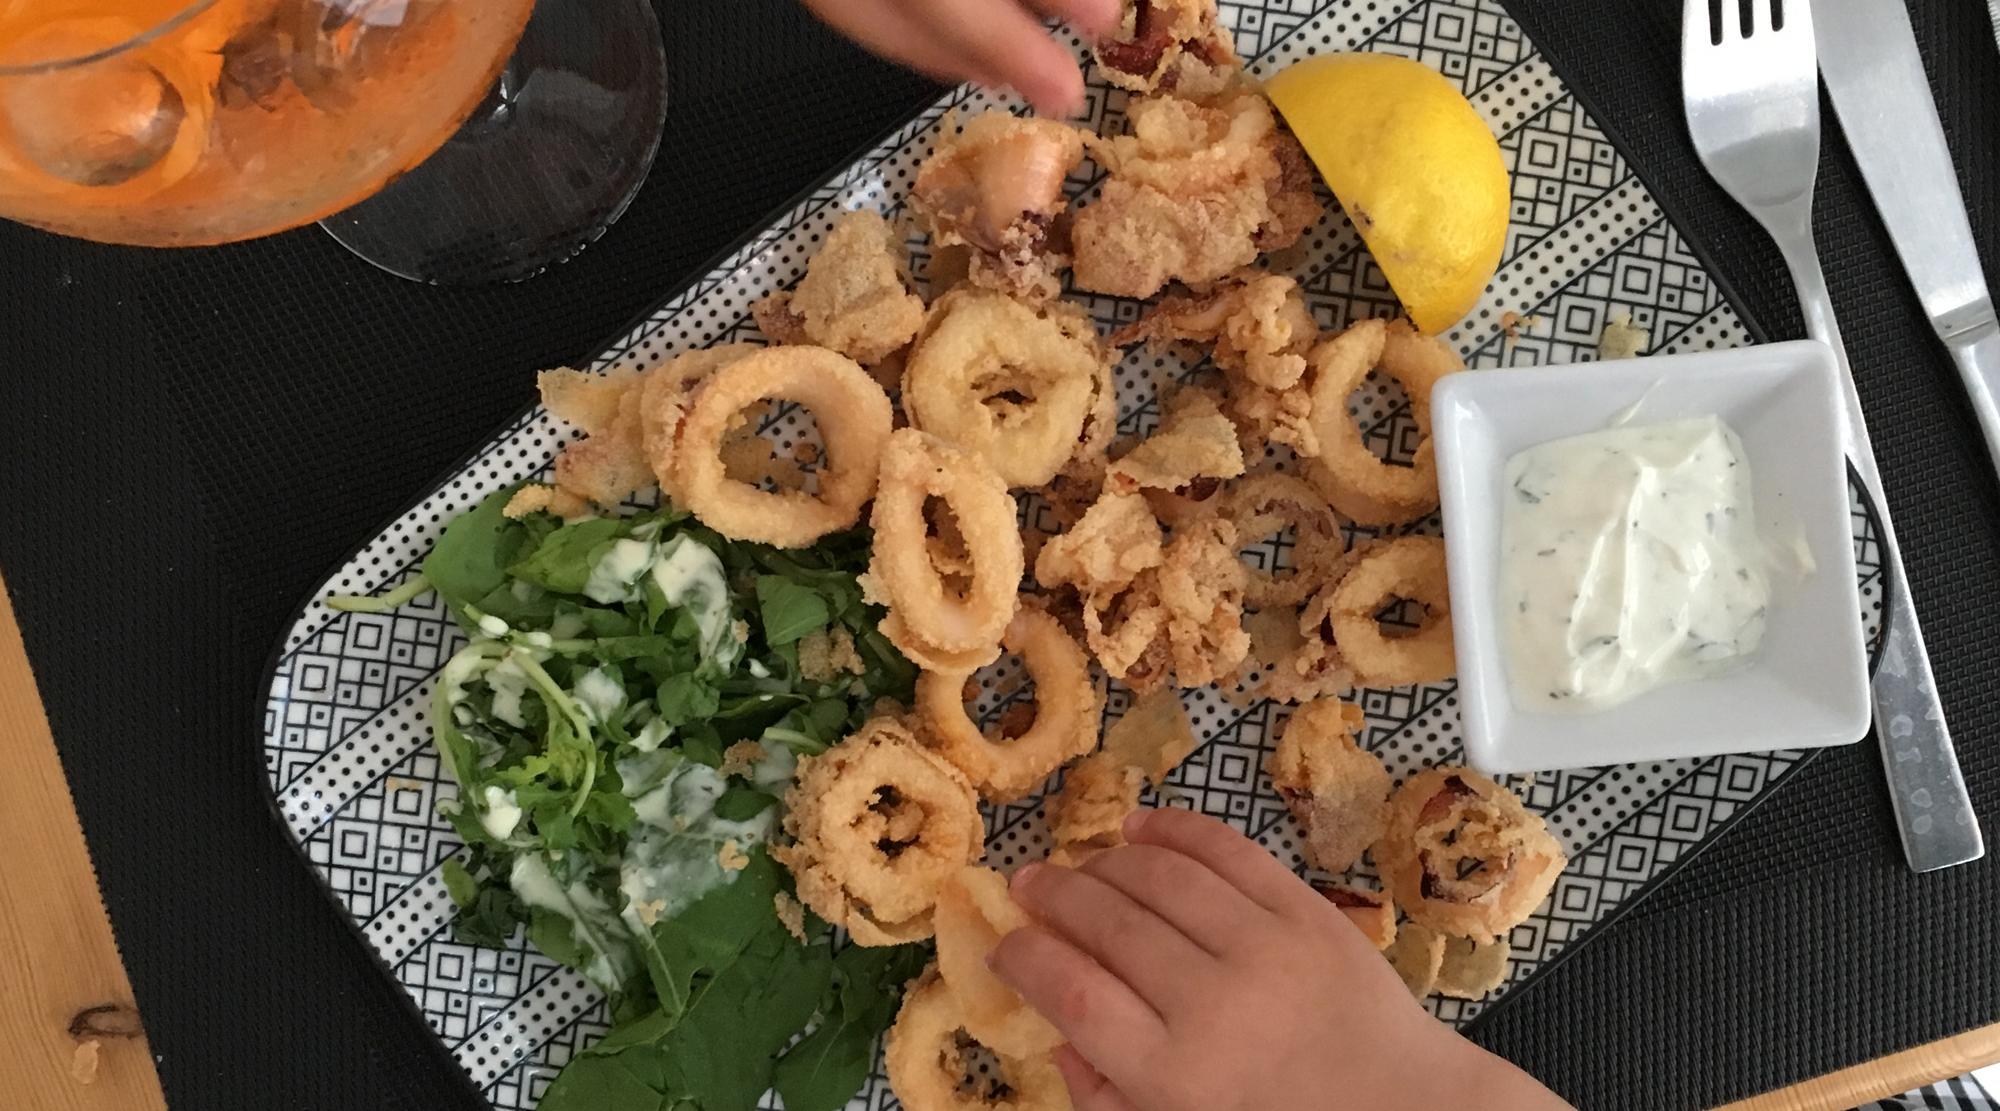 Inselhopping Ägäis - Tintenfisch